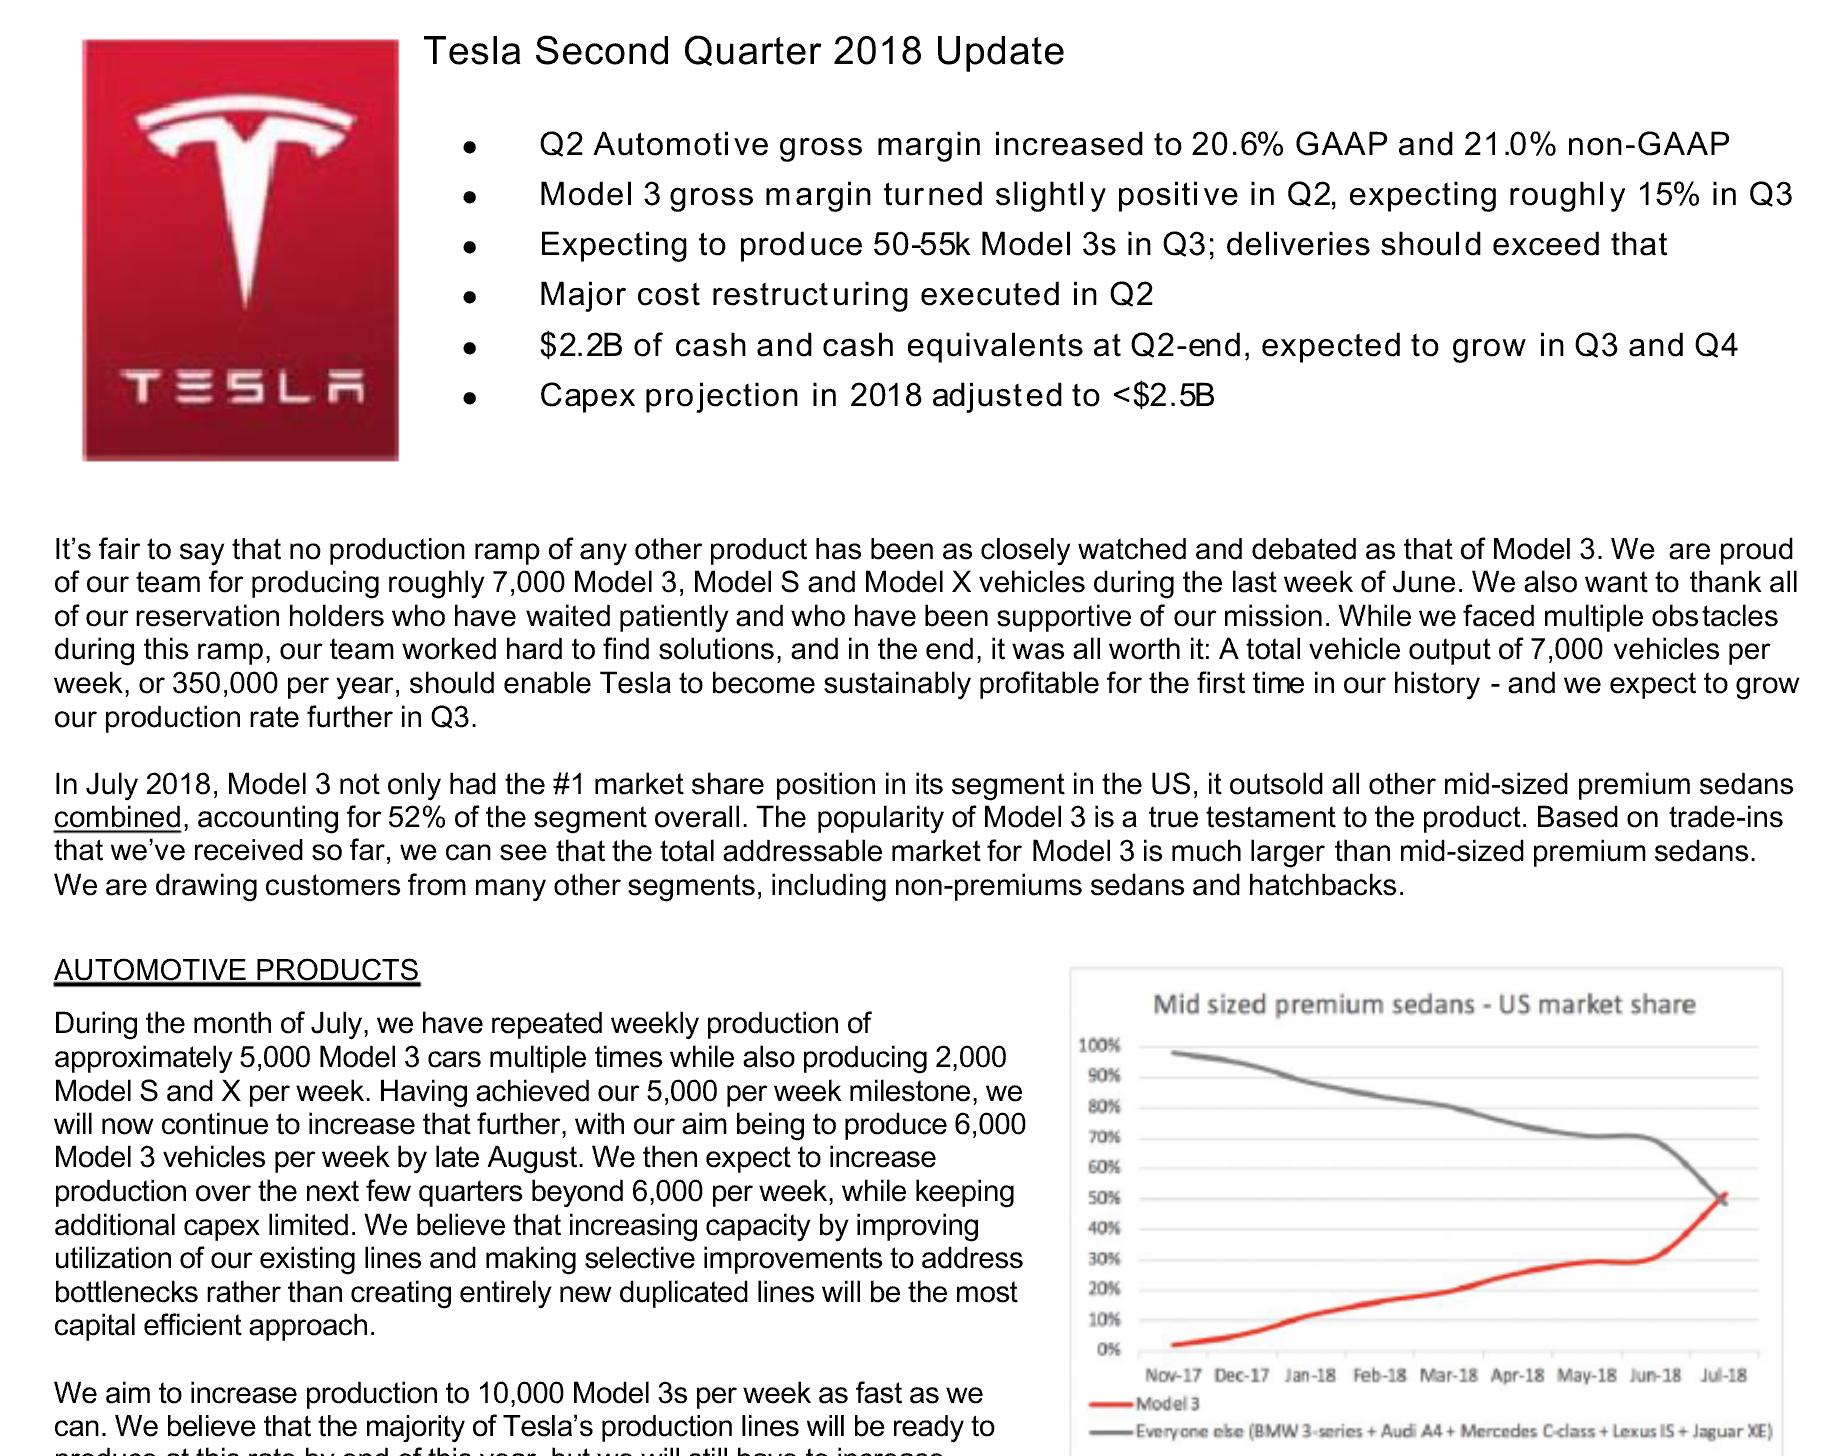 Чего не говорят об отчете Tesla - 2